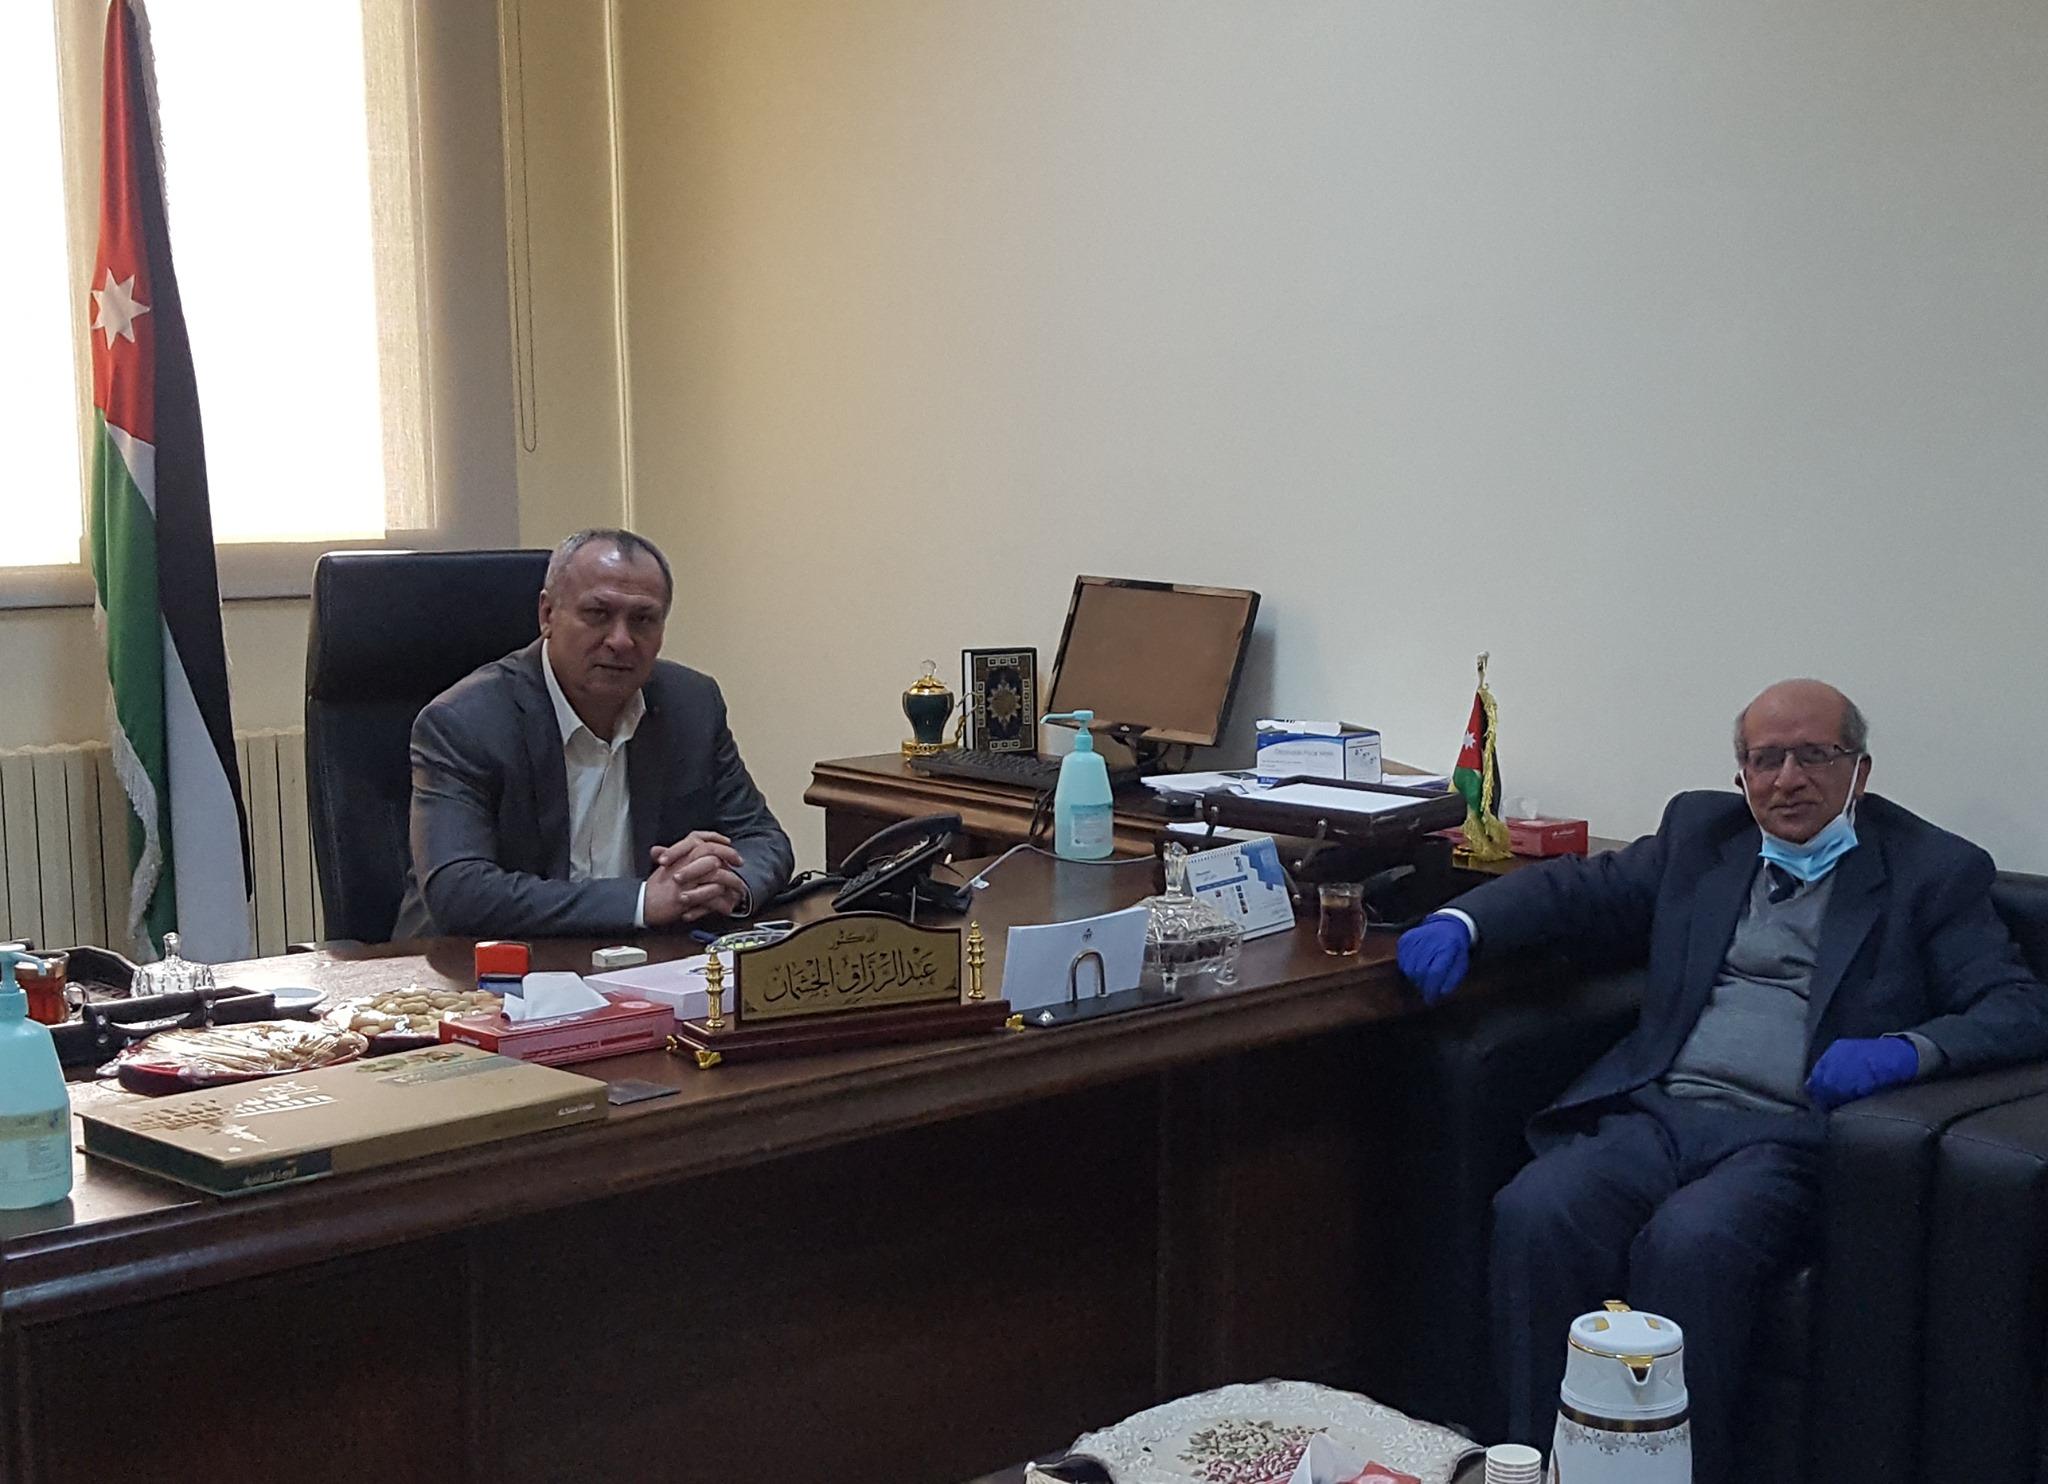 زياره الى مستشفى الحسين السلط الجديد الاربعاء (6 – يناير – 2021 )